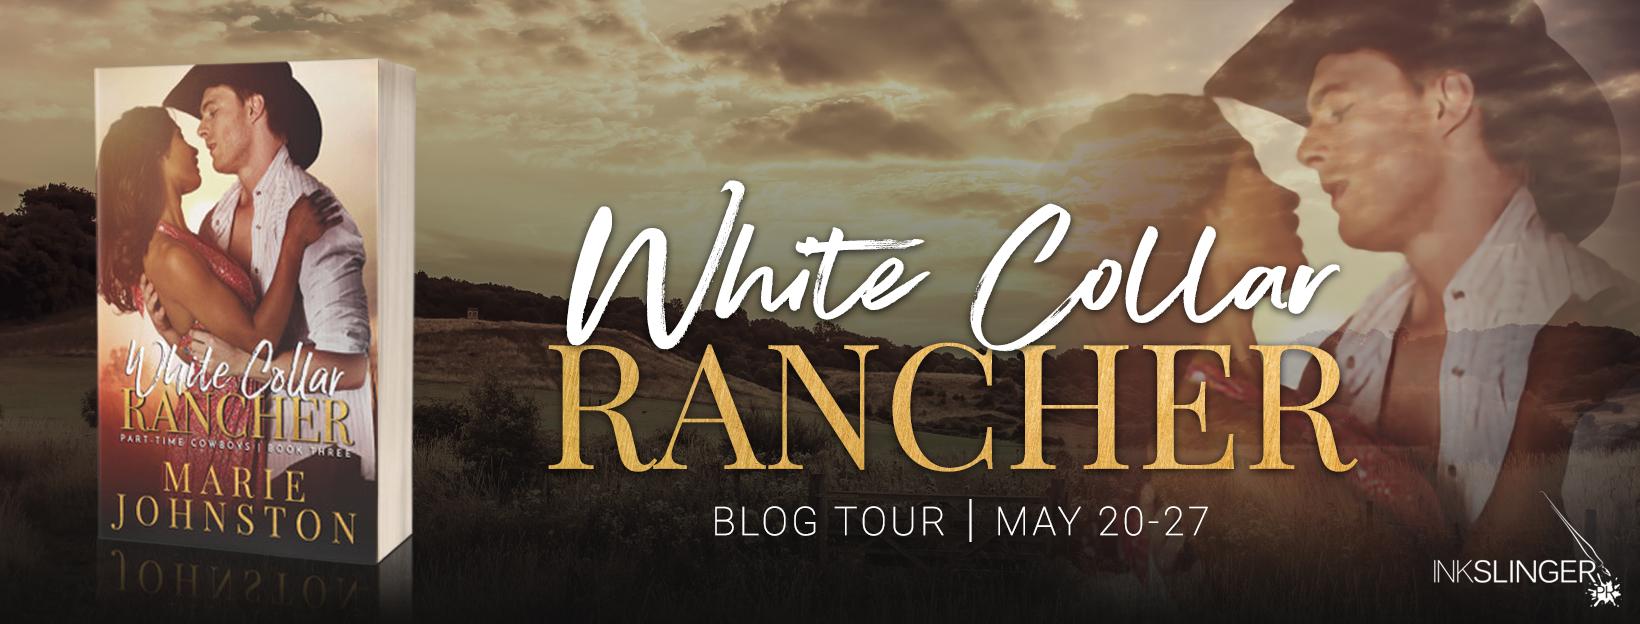 WhiteCollarRancher_blogtour